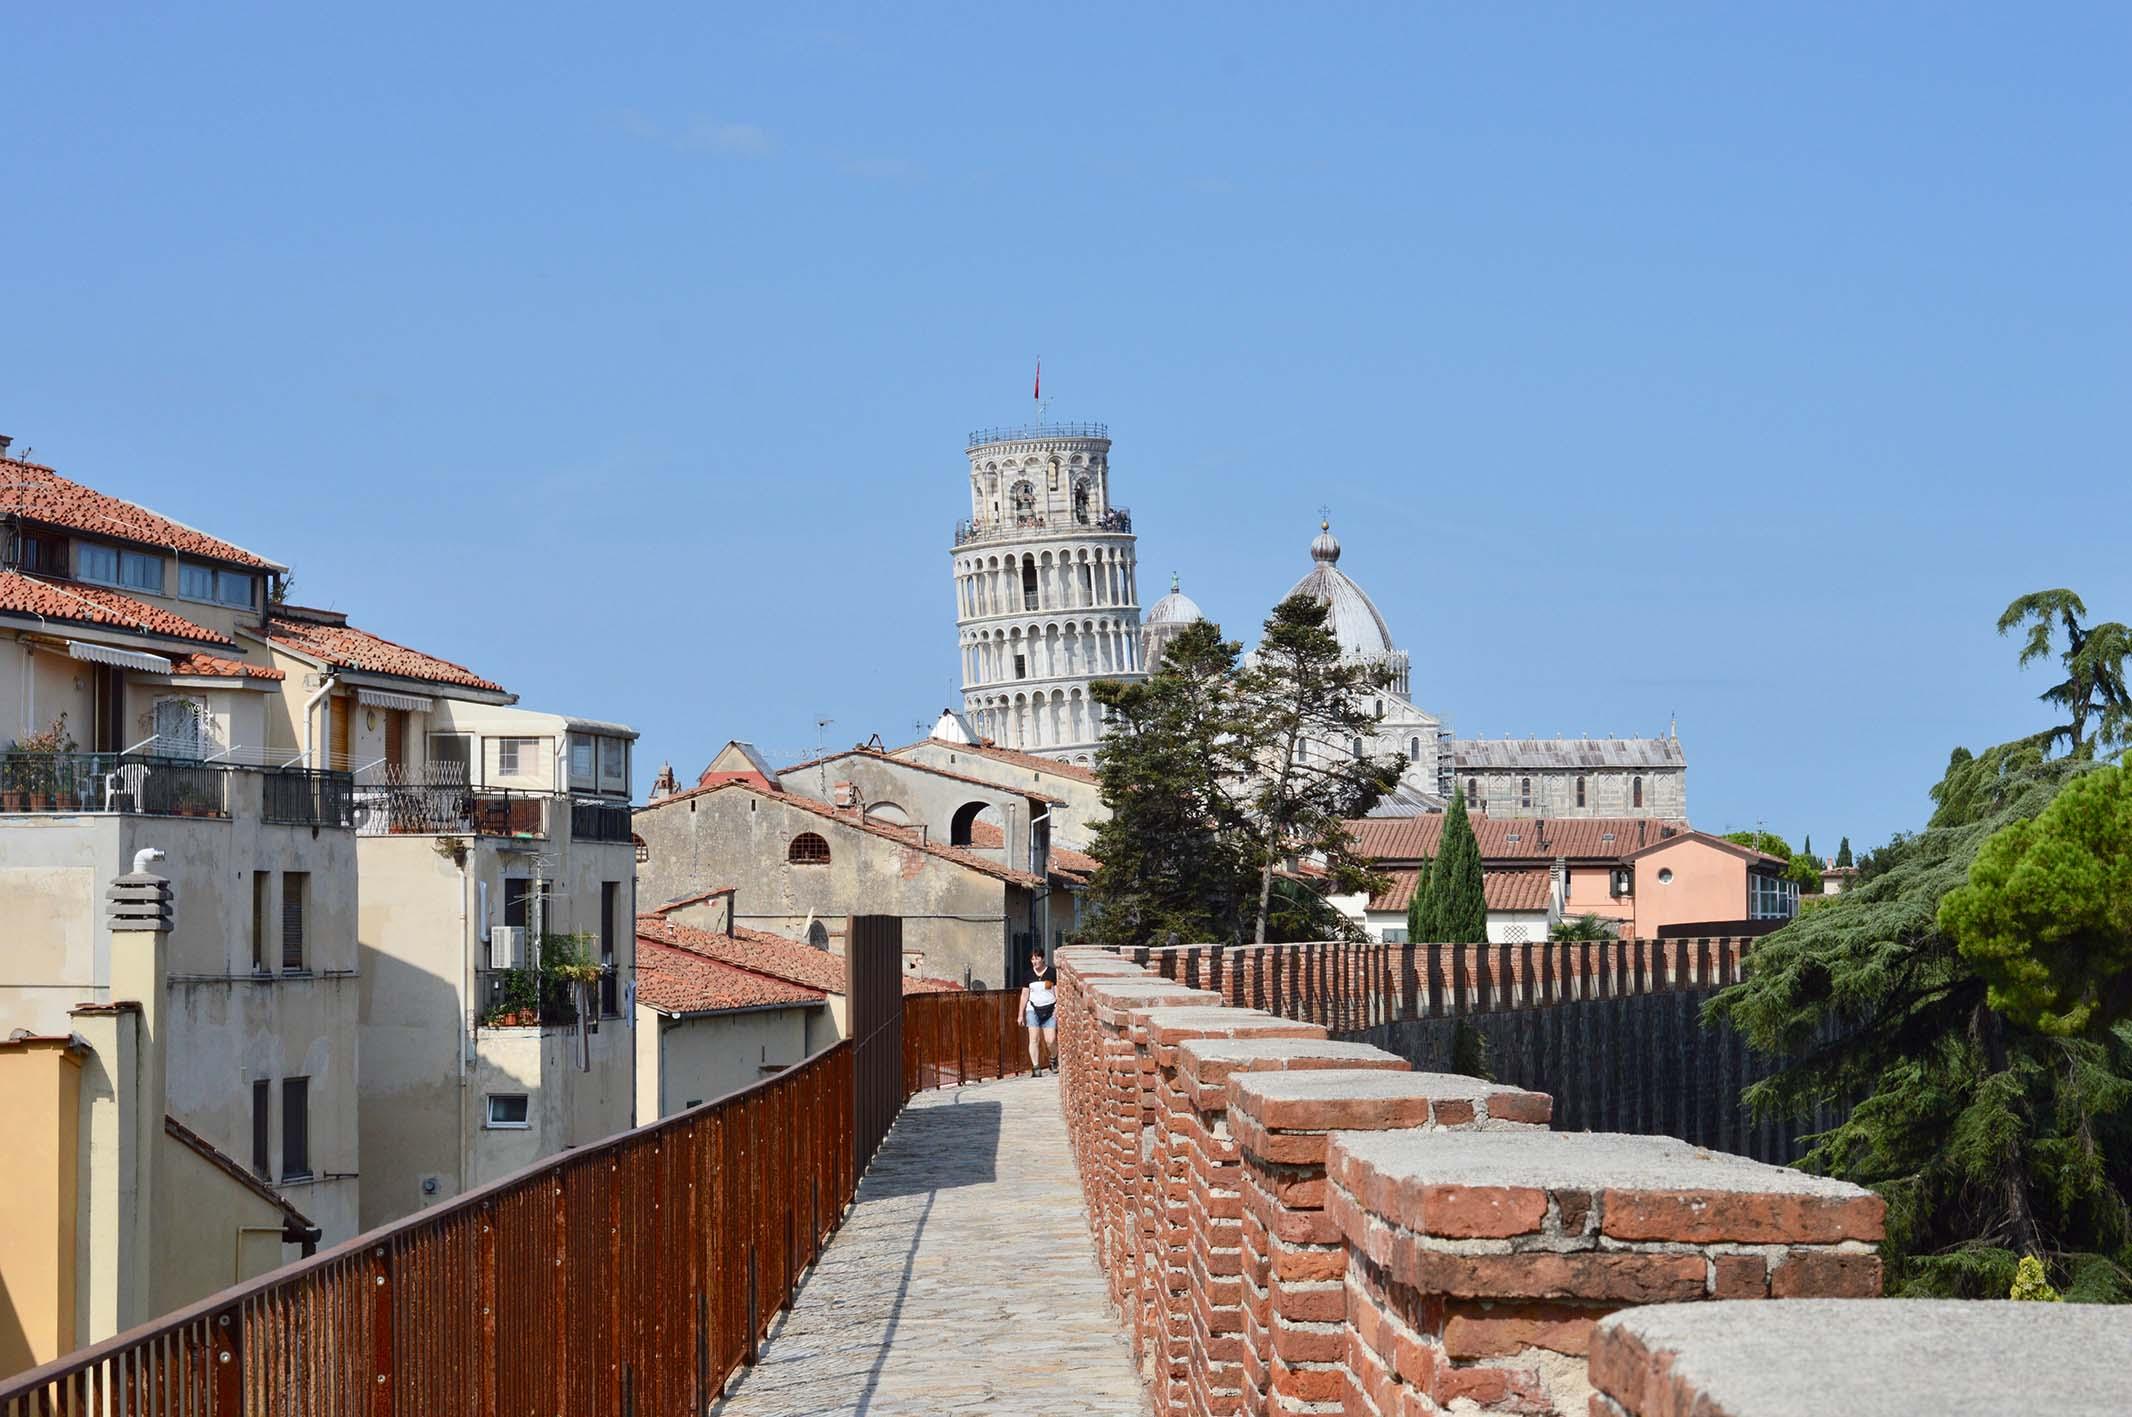 Blick von den Dächern auf den schiefen Turm von Pisa